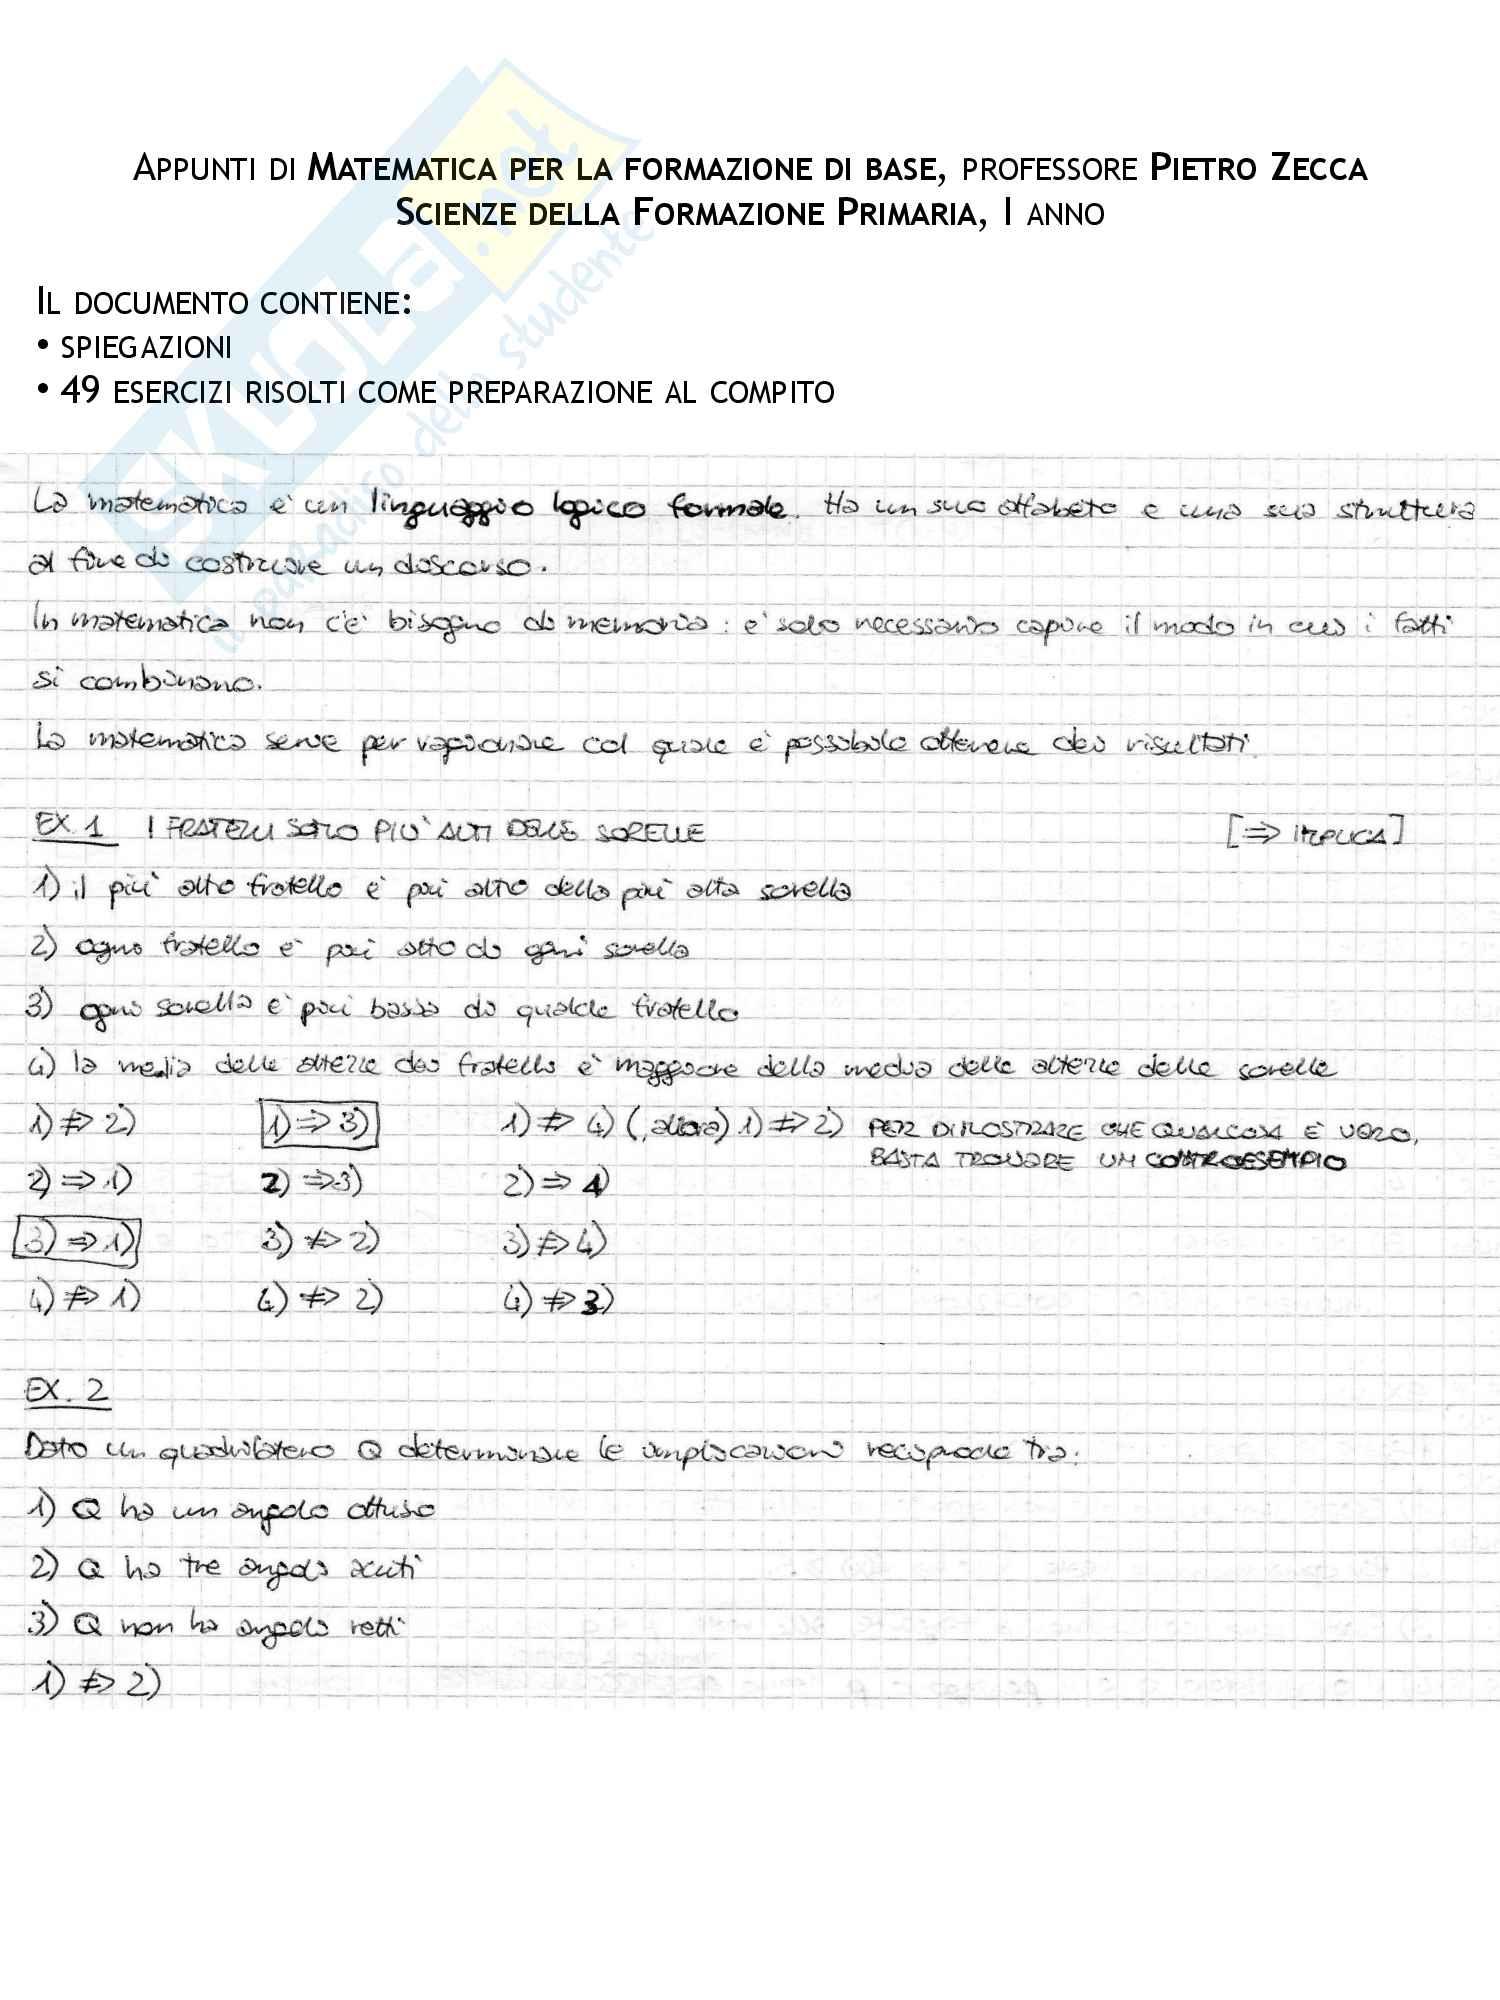 Appunti ed esercizi svolti di Matematica di base, Matematica di base, Pietro Zecca